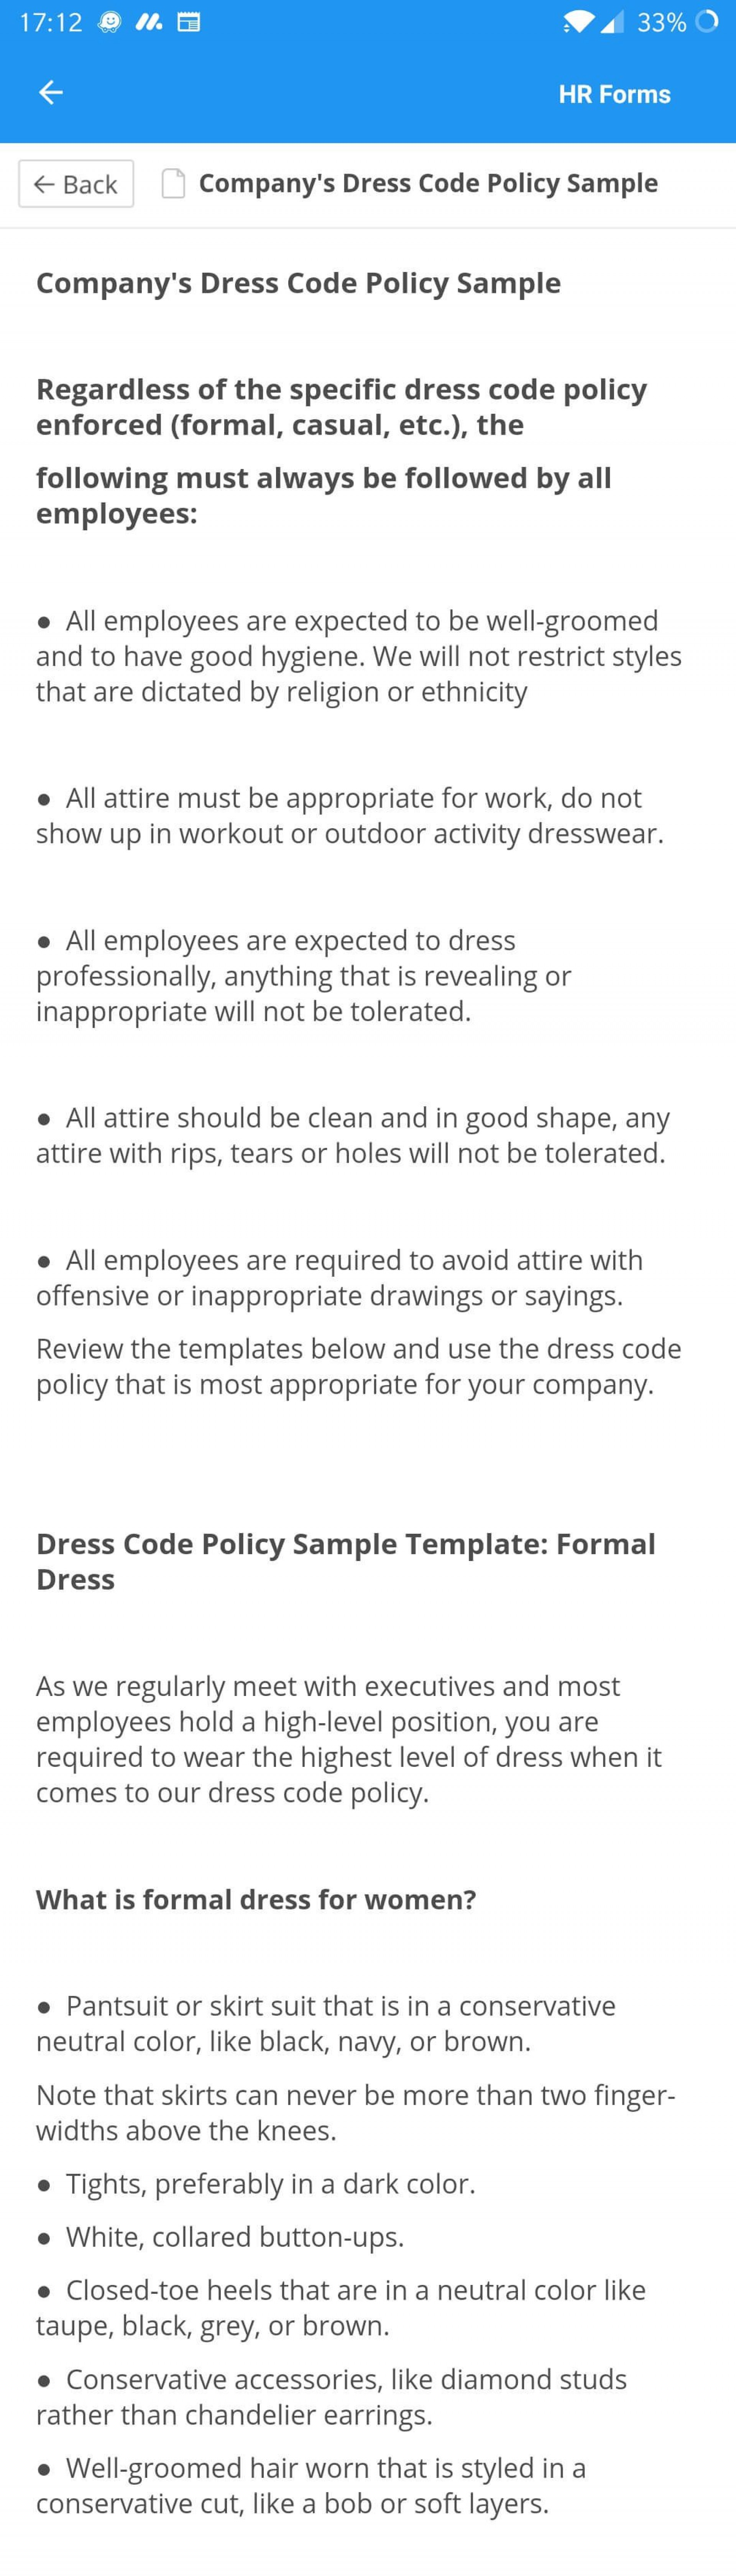 003 Fantastic Dres Code Policy Template Idea  Work Uk Sample Casual Memo1920